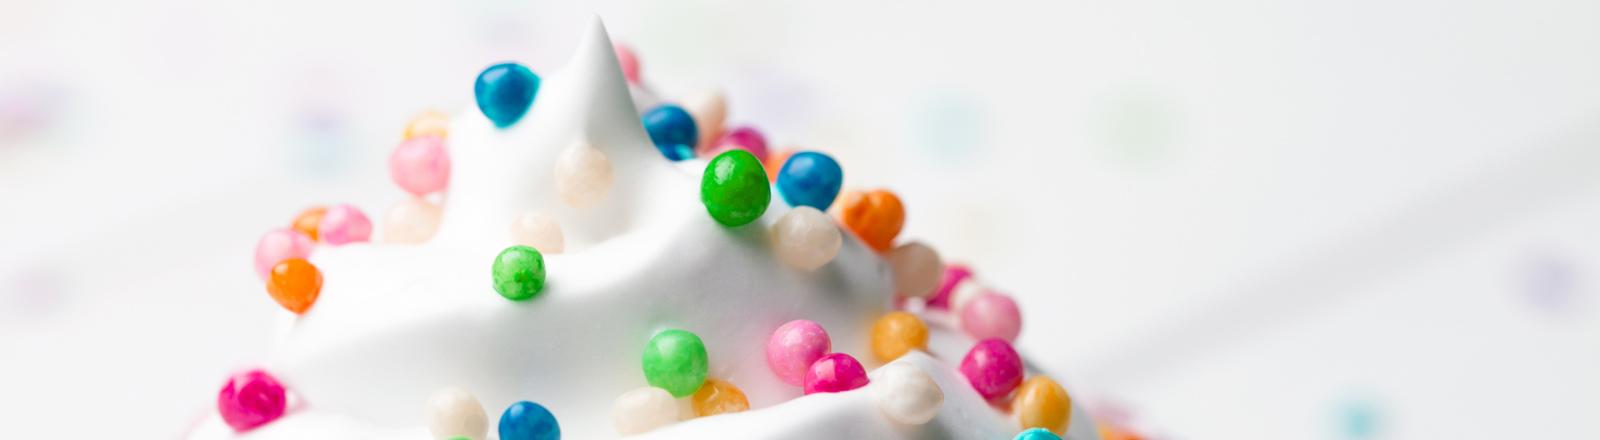 Zuckerguss mit Zuckerperlen